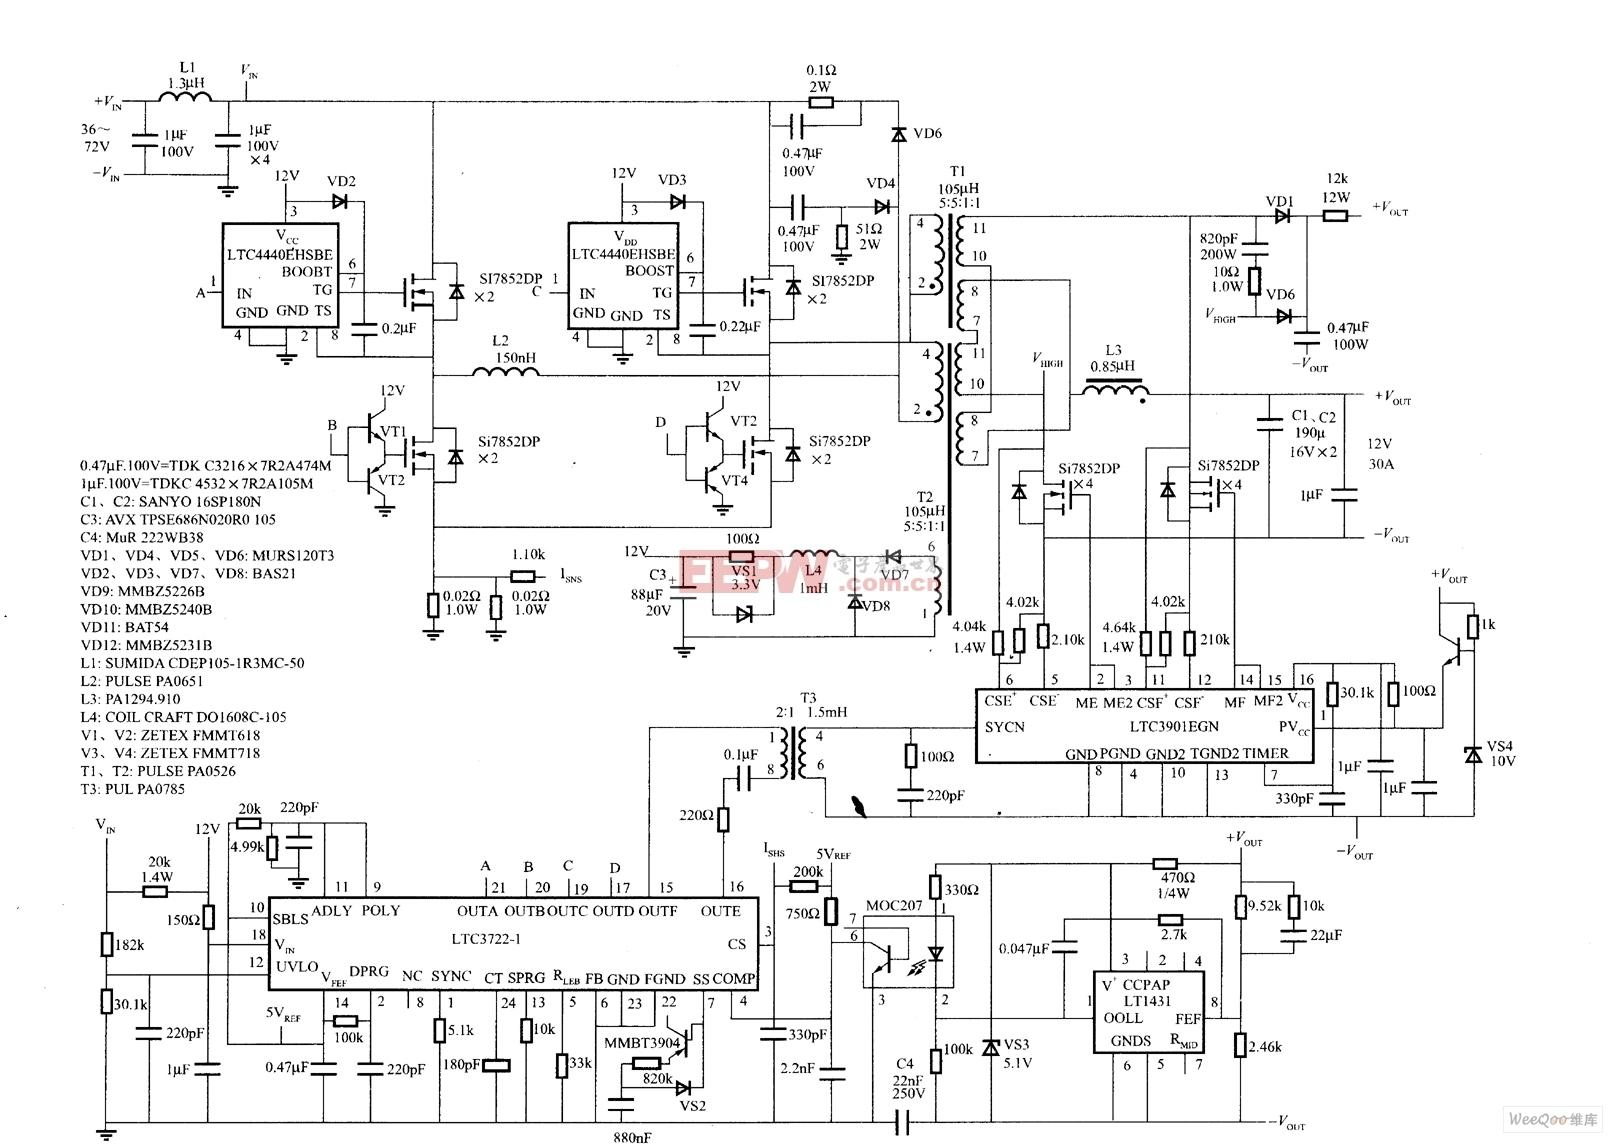 由LTC3722-1控制的大功率DC/DC完整电路图